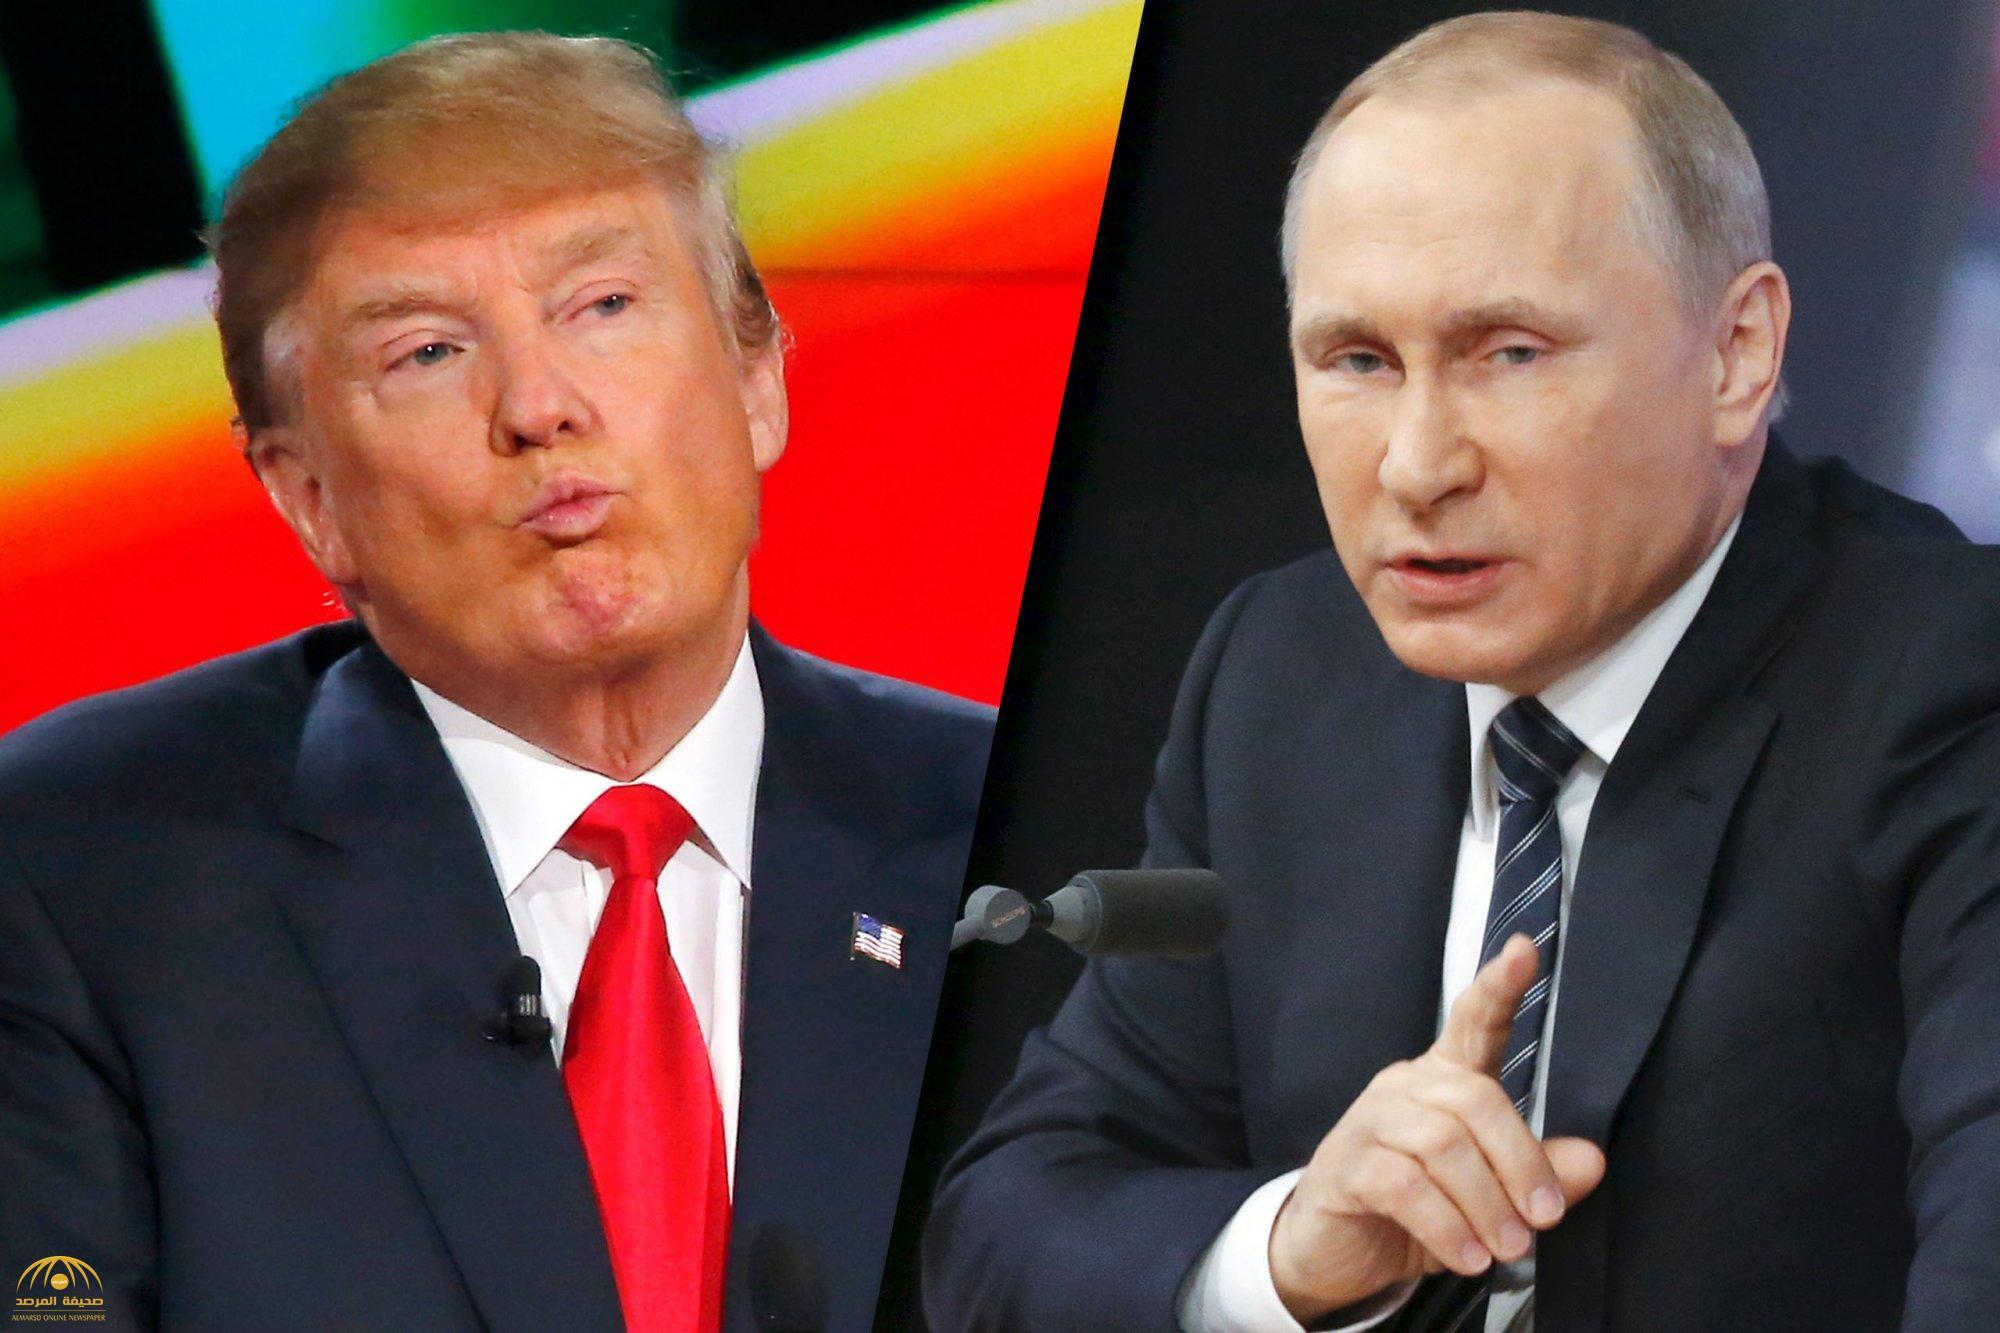 روسيا تتراجع : موسكو لا تعتزم خوض معارك قتالية ضد القوات الأمريكية في سوريا